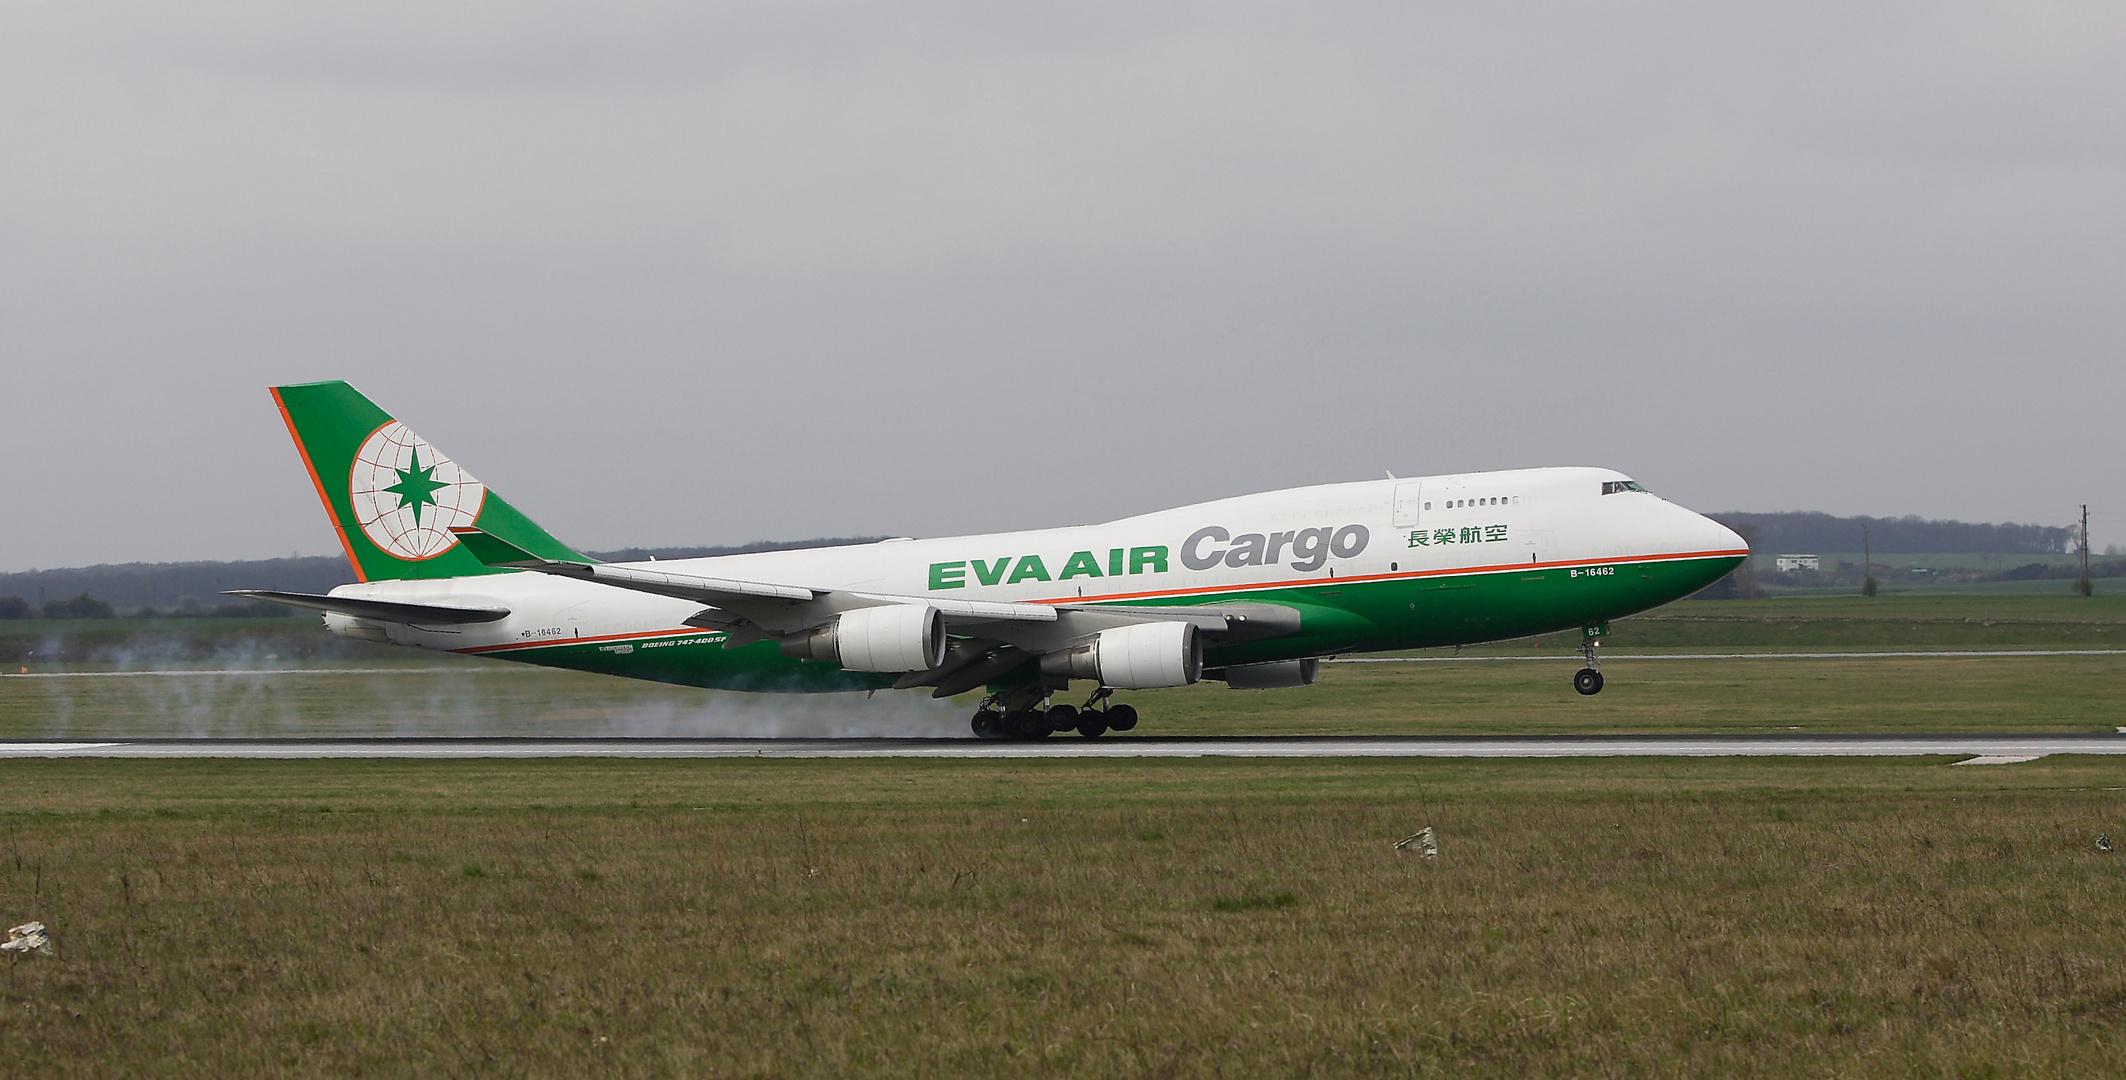 EVA AIR Boeing 747-400 F